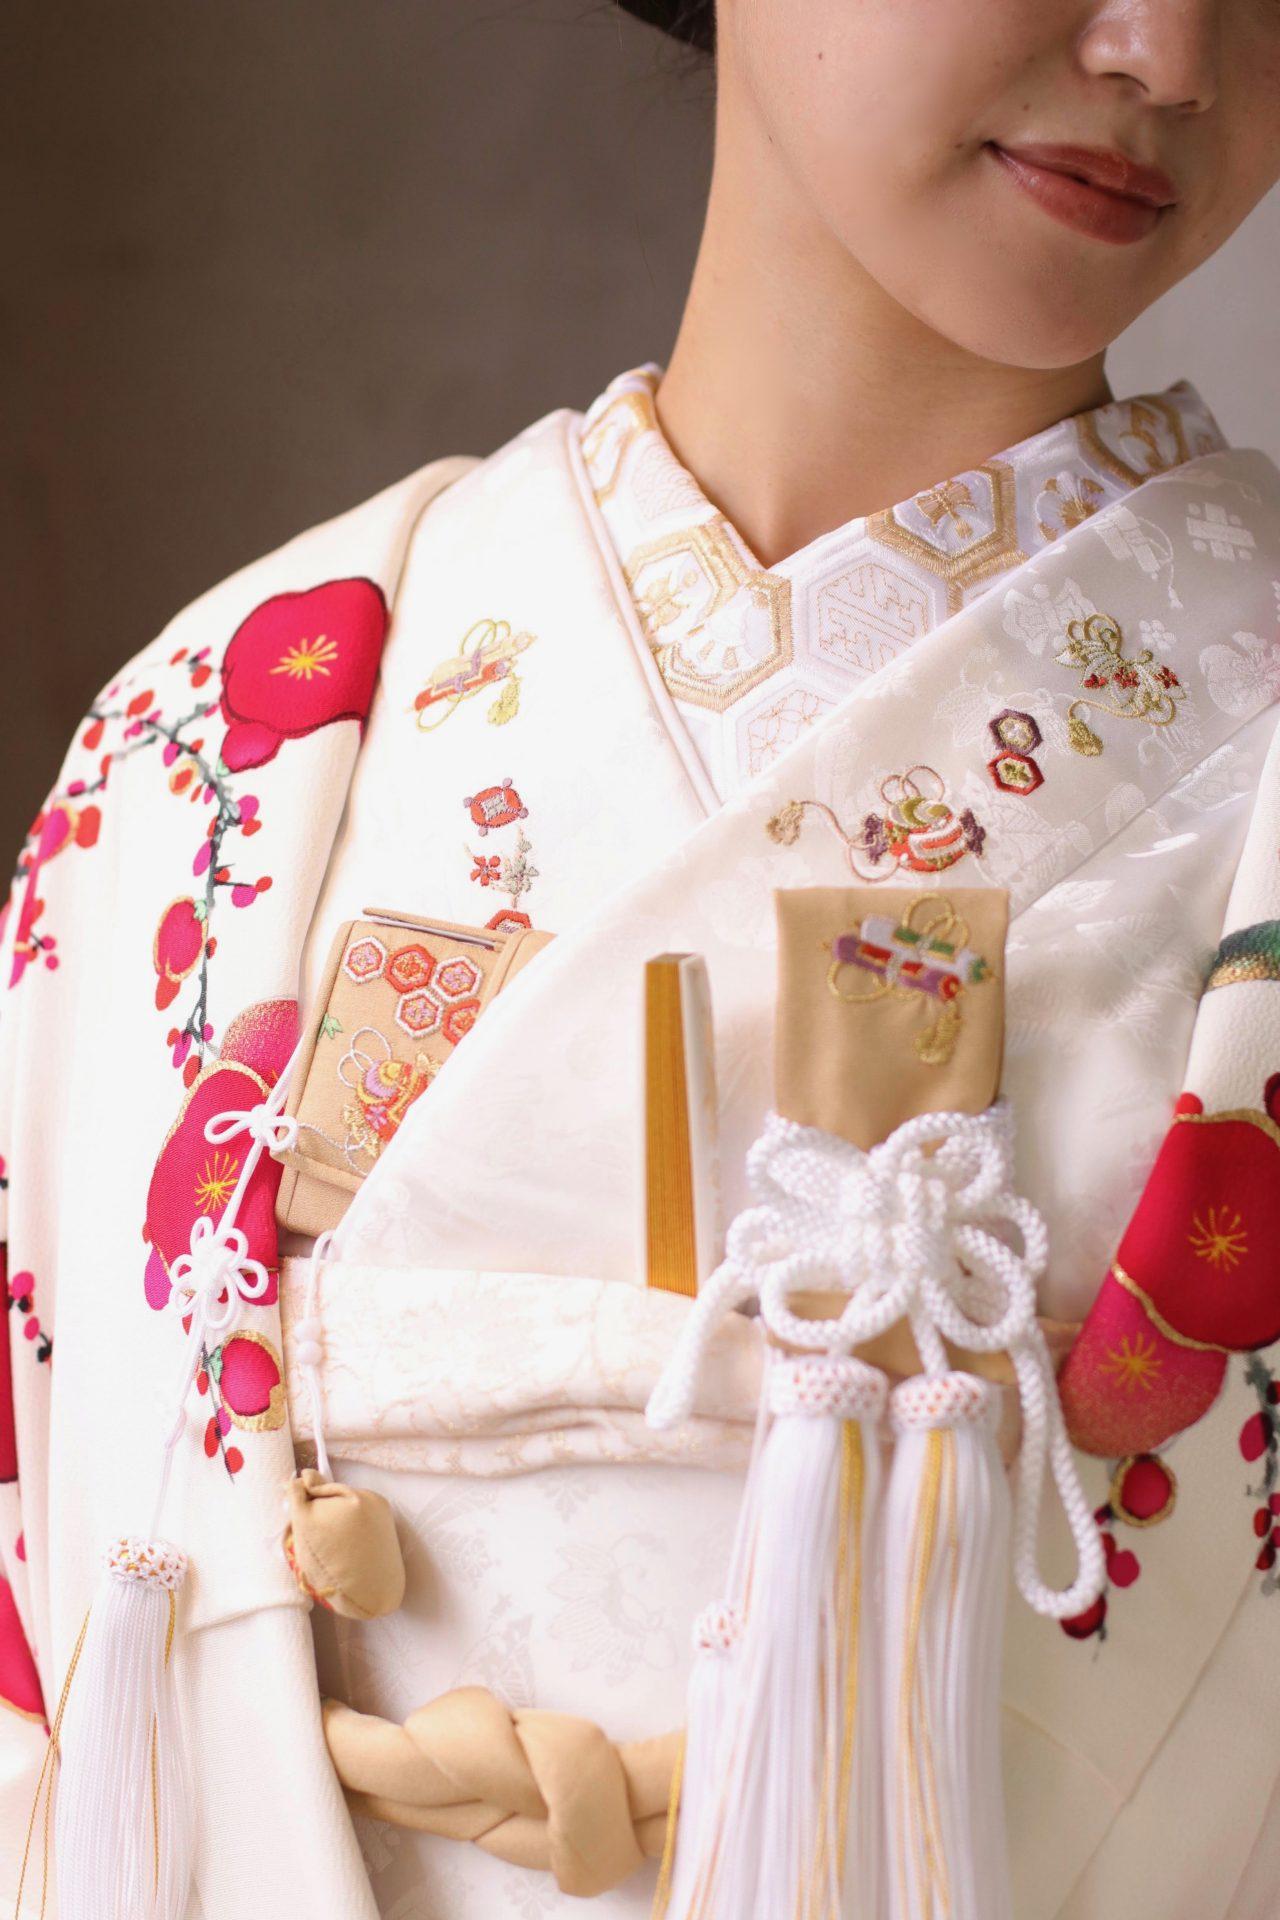 赤坂プリンスクラシックハウスの花嫁様におすすめしたいのは、繁栄を意味する亀甲文様の半襟と、福徳を呼ぶ宝尽くしの刺繍の掛下に、ベージュの和装小物を合わせた白打掛のコーディネートです